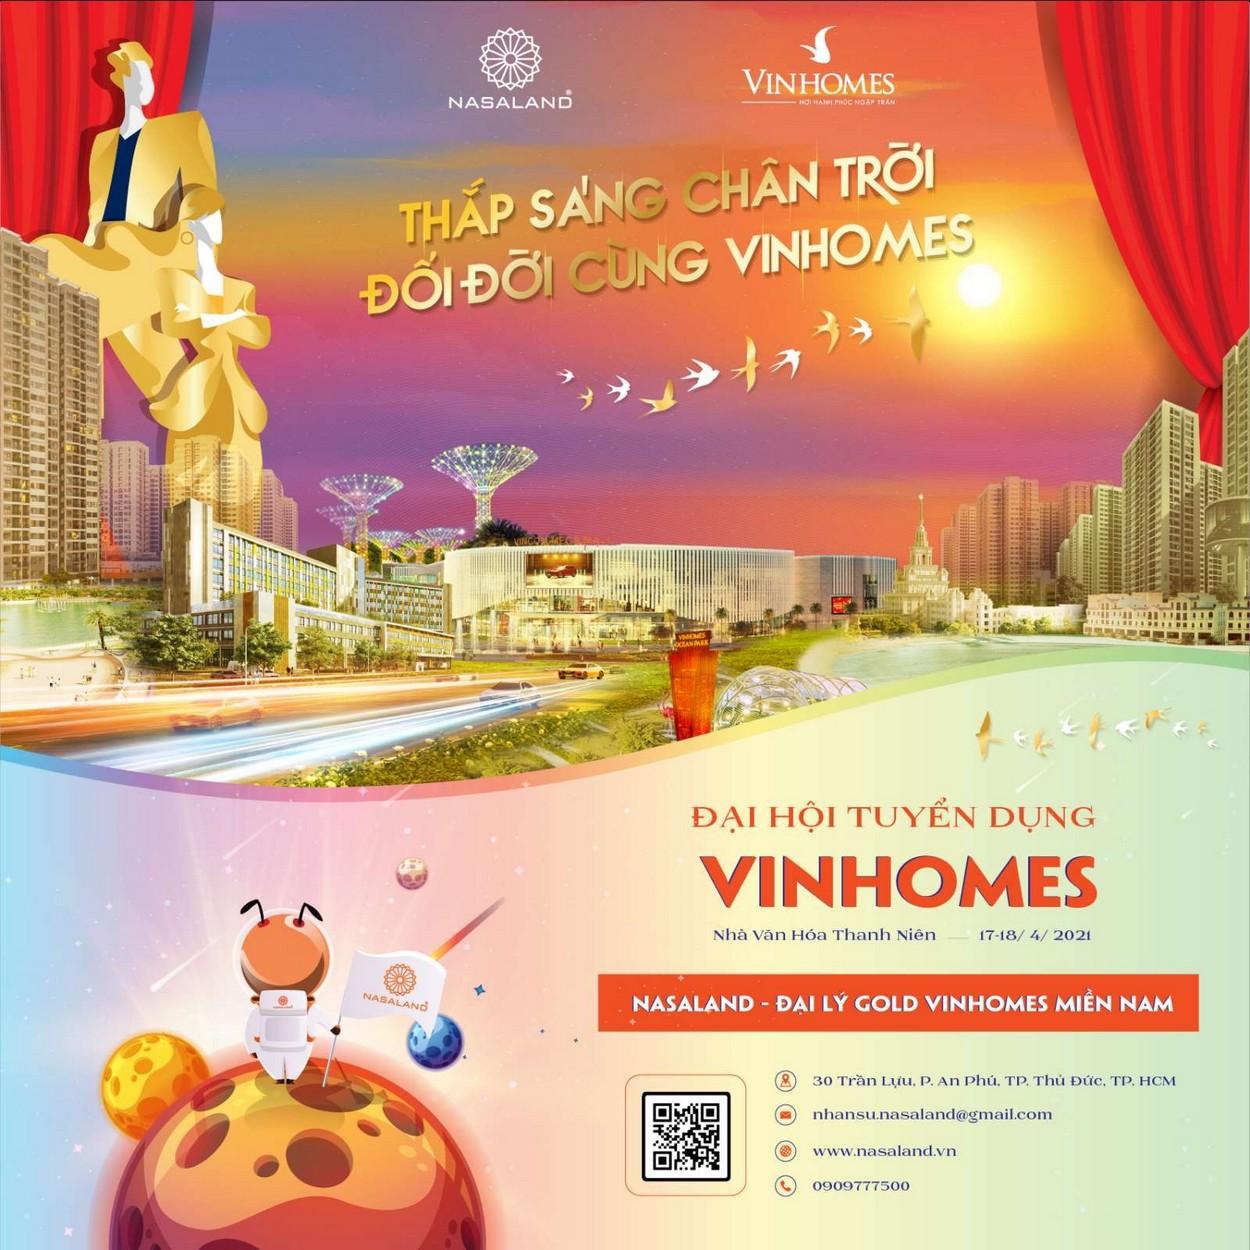 Chào mừng đại hôi tuyển dụng Vinhomes Nasaland